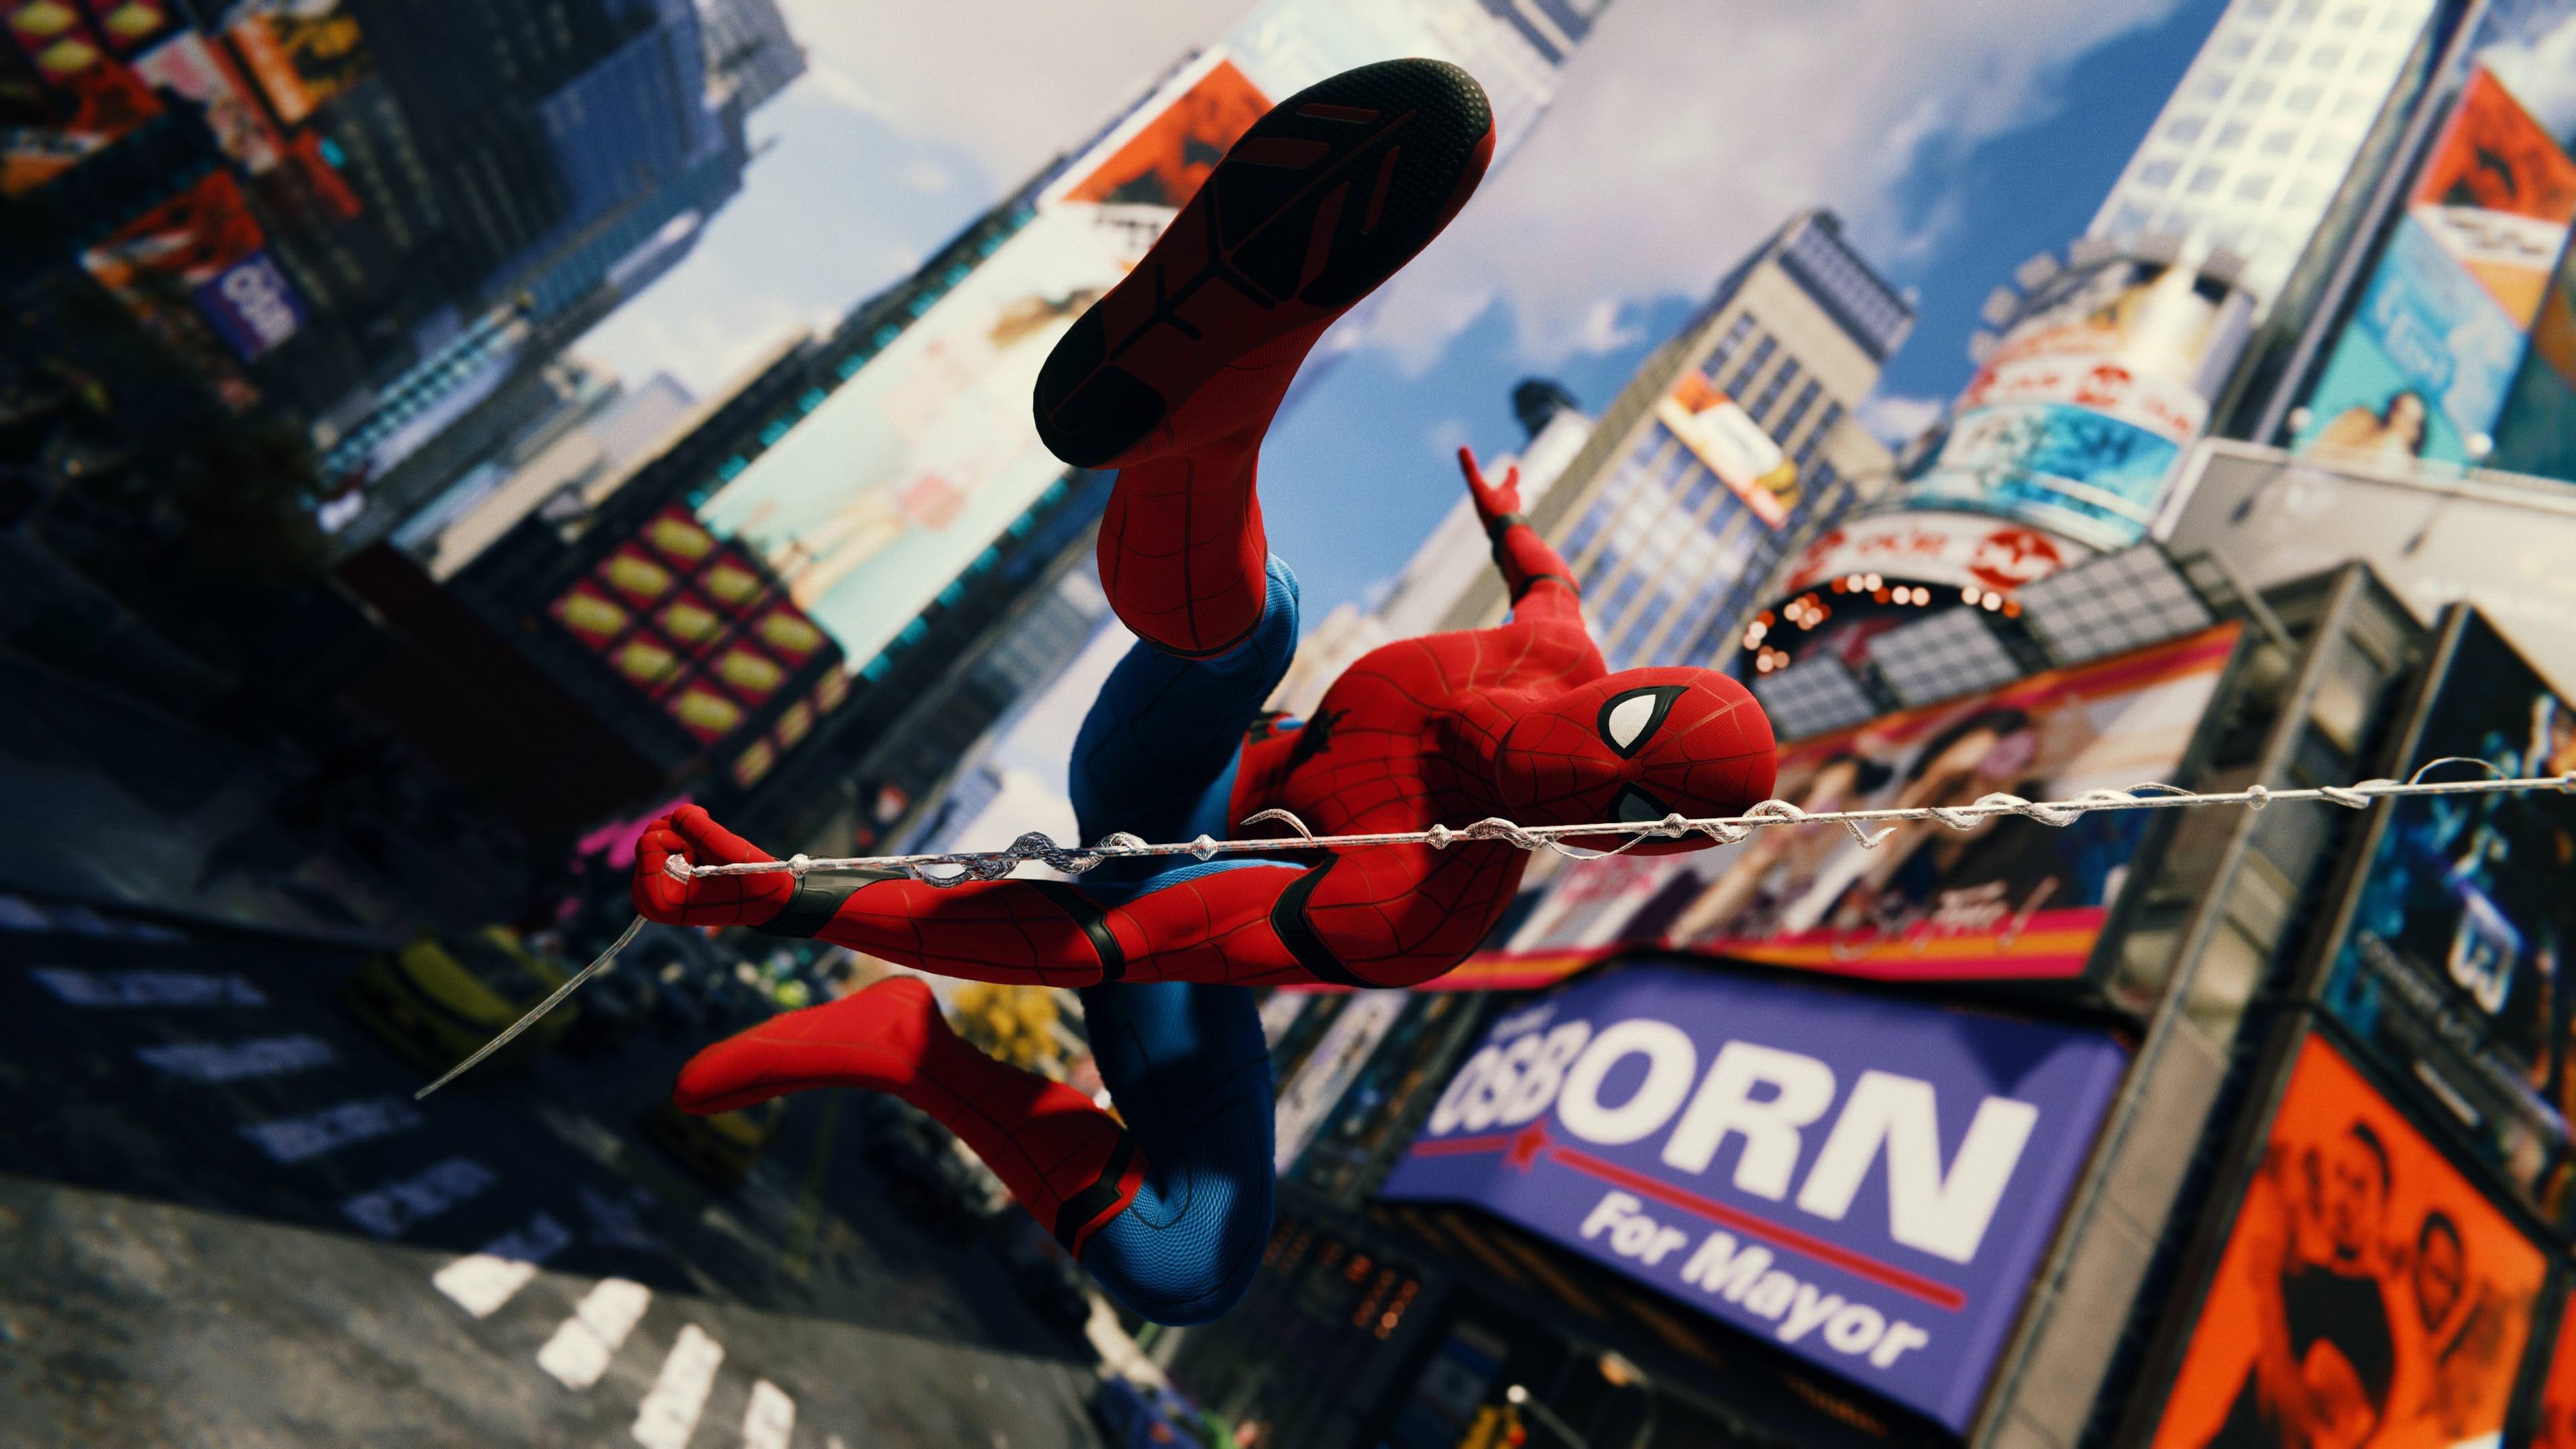 Spiderman Homecoming Spider Suit 4k, HD Superheroes, 4k